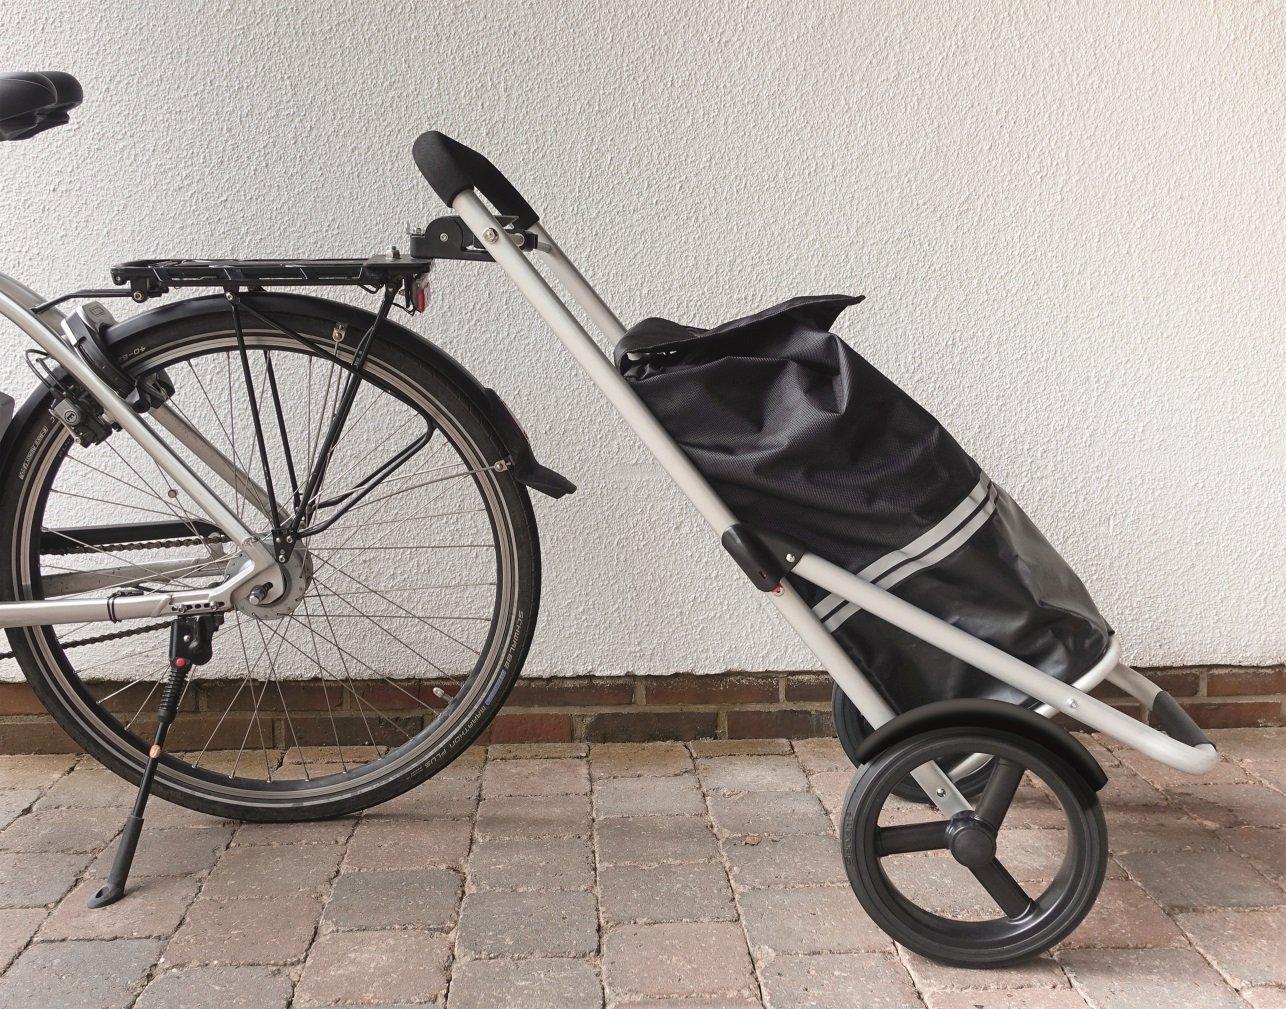 osoltus einkaufstrolley mit fahrrad kupplung. Black Bedroom Furniture Sets. Home Design Ideas